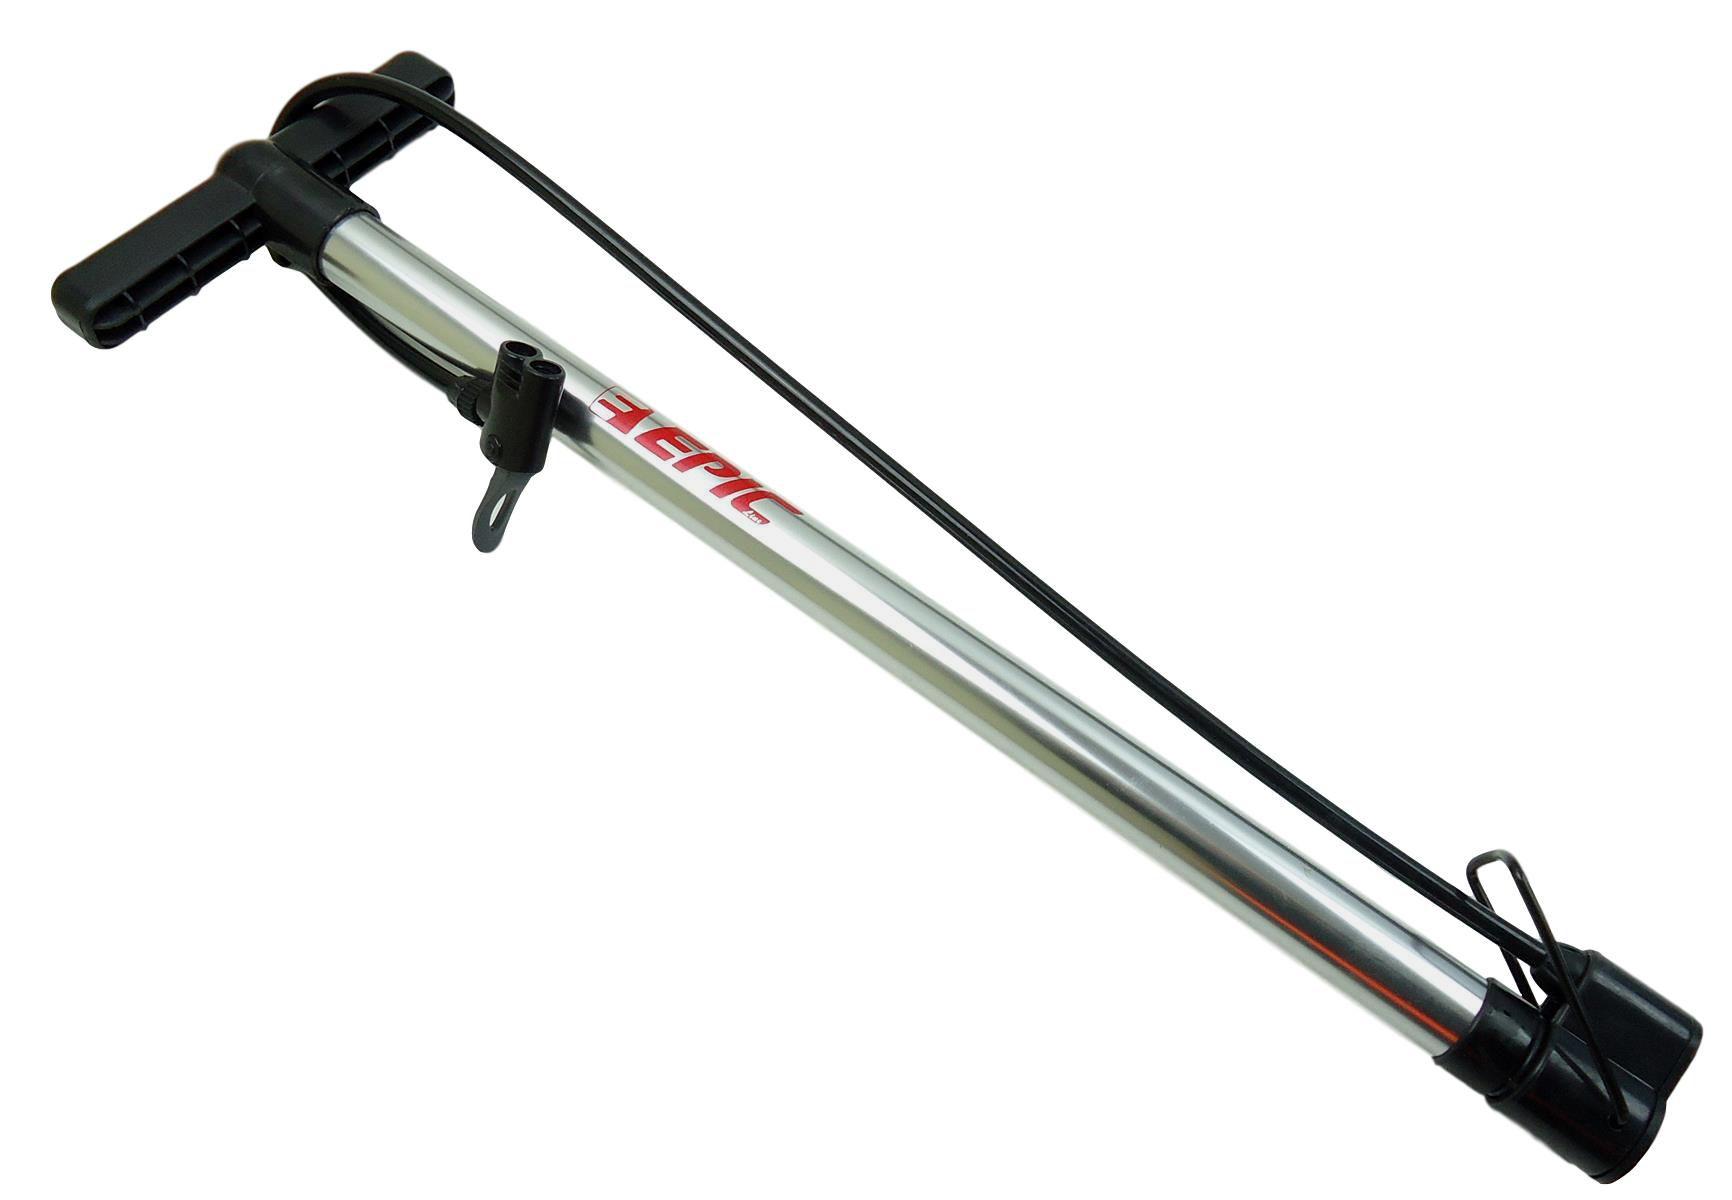 Bomba De Pé Para Bicicletas Epic Line EPA-C296 Em Aluminio 100psi Presta ou Schrader